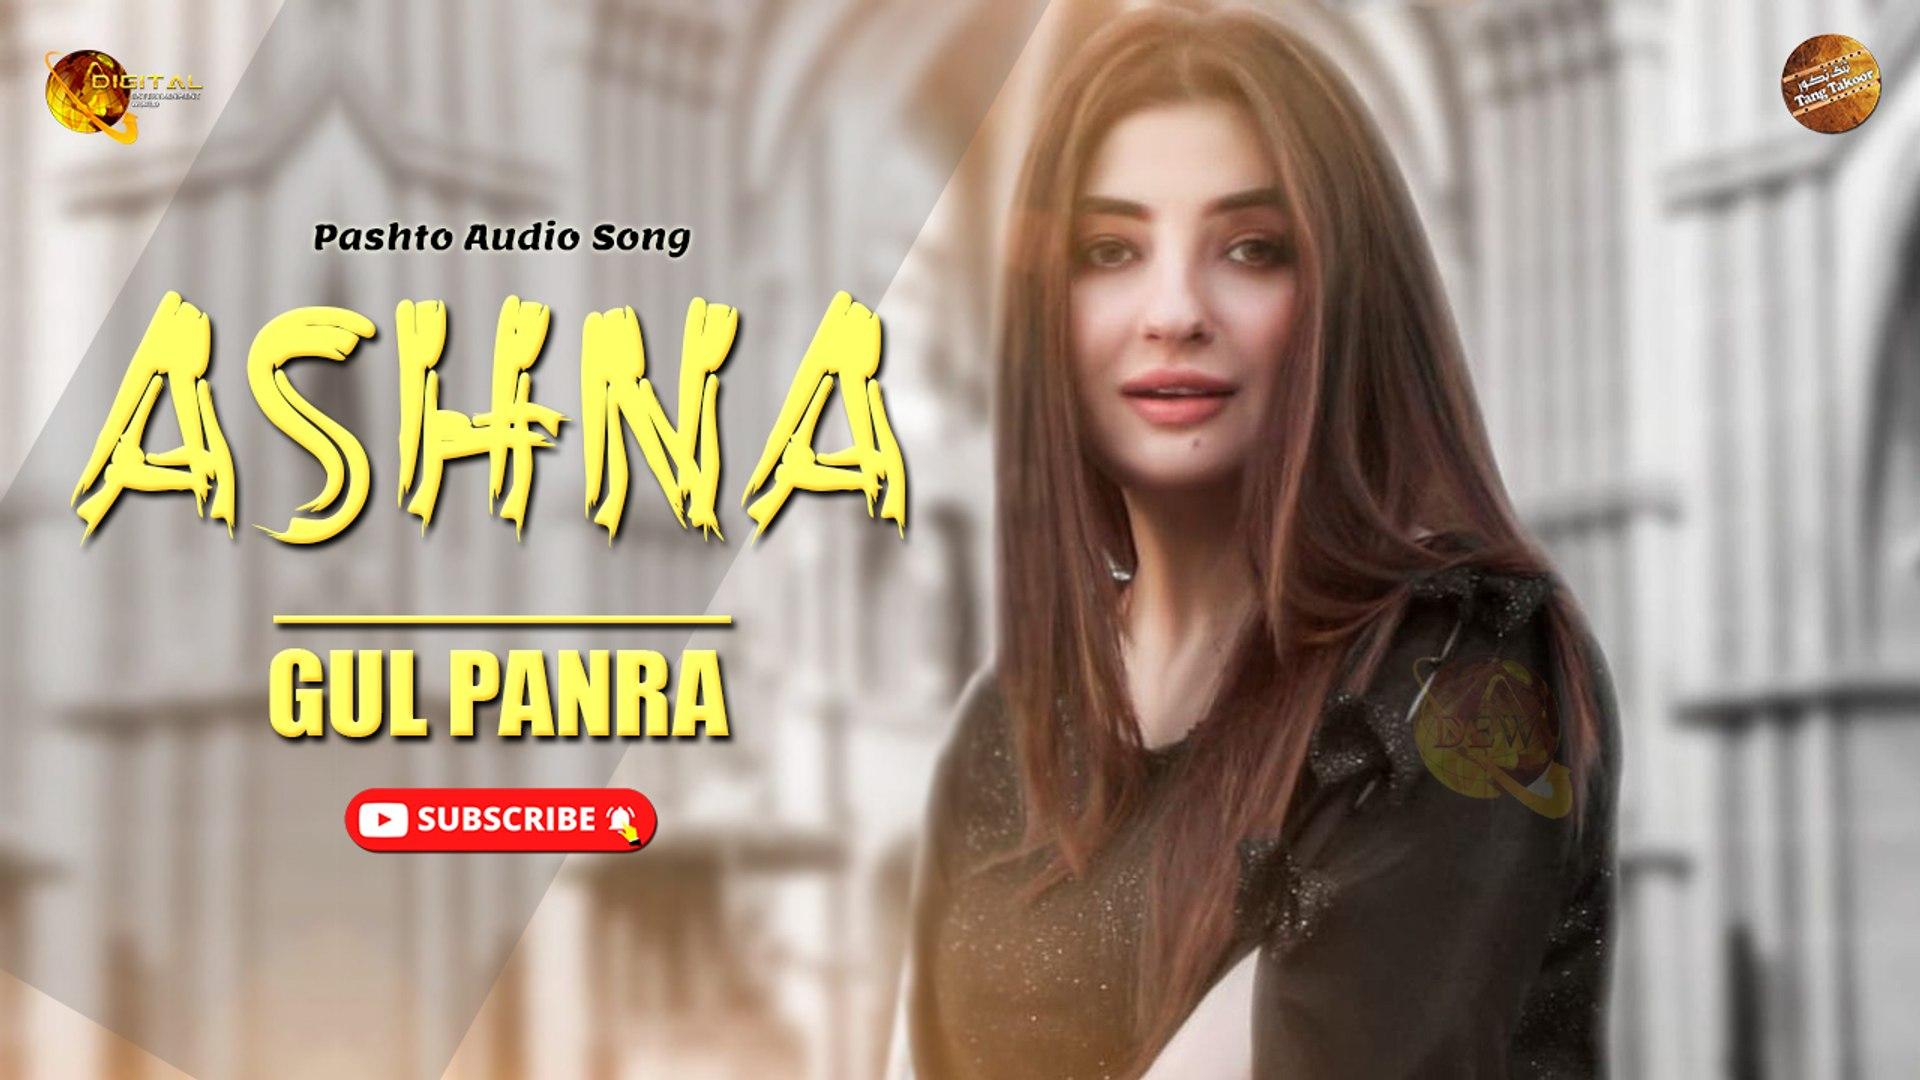 Ashna Pashto